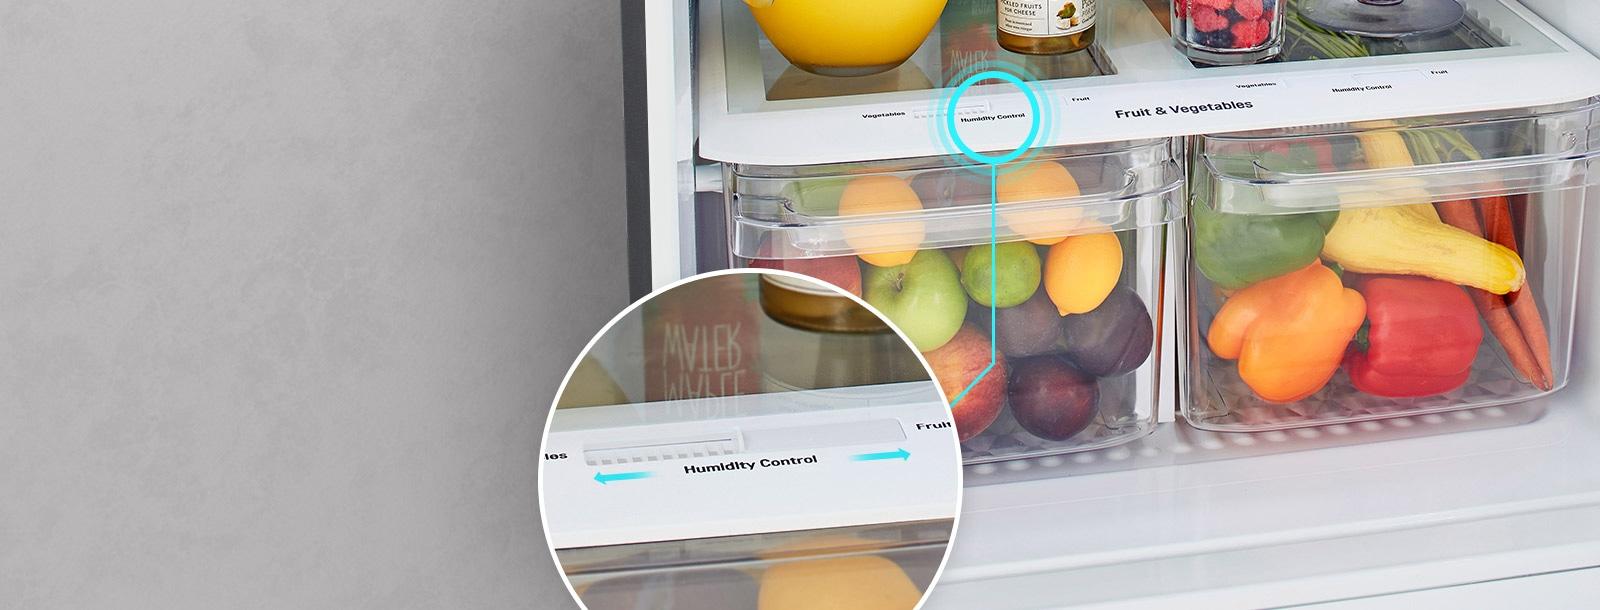 تظهر الأدراج السفلية للثلاجة مليئة بالمنتجات. تظهر الدائرة المكبرة ذراع التحكم في الرطوبة أعلى الدرج عن قرب مع الأسهم للإشارة إلى إمكانية تغييره.